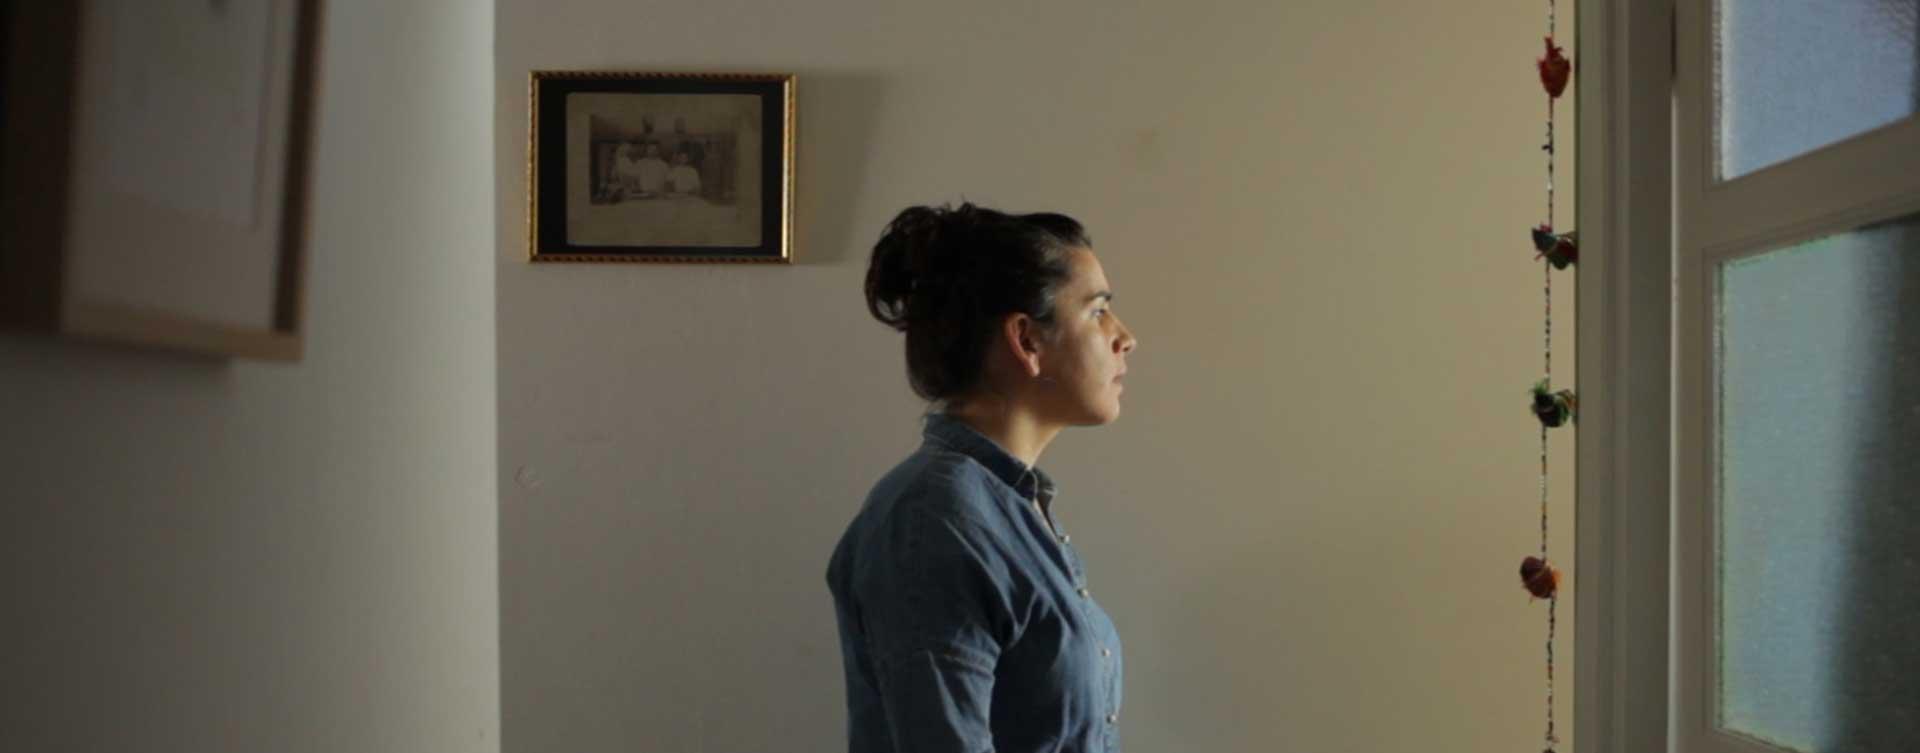 mujer mirando por la ventana de la habitación en el rodaje cinematográfico